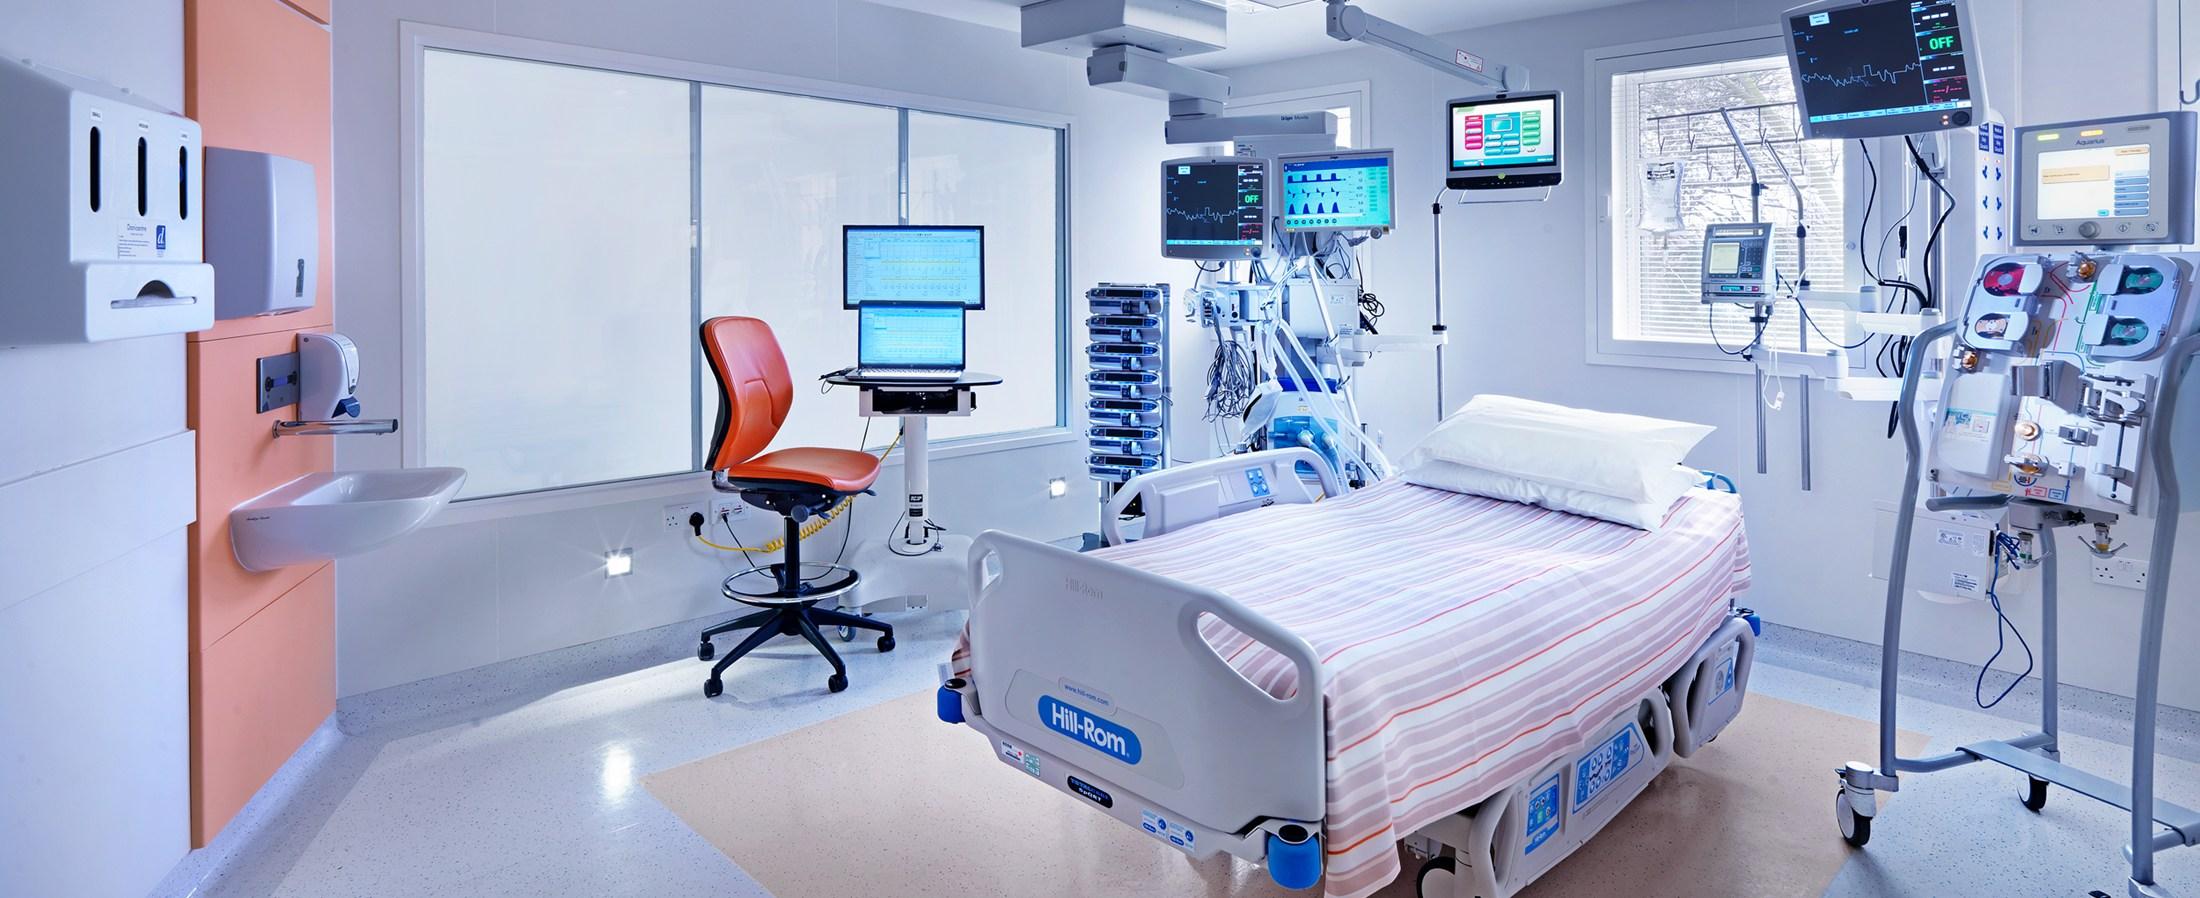 Ligoninės neišgelbės mūsų nuo ligų